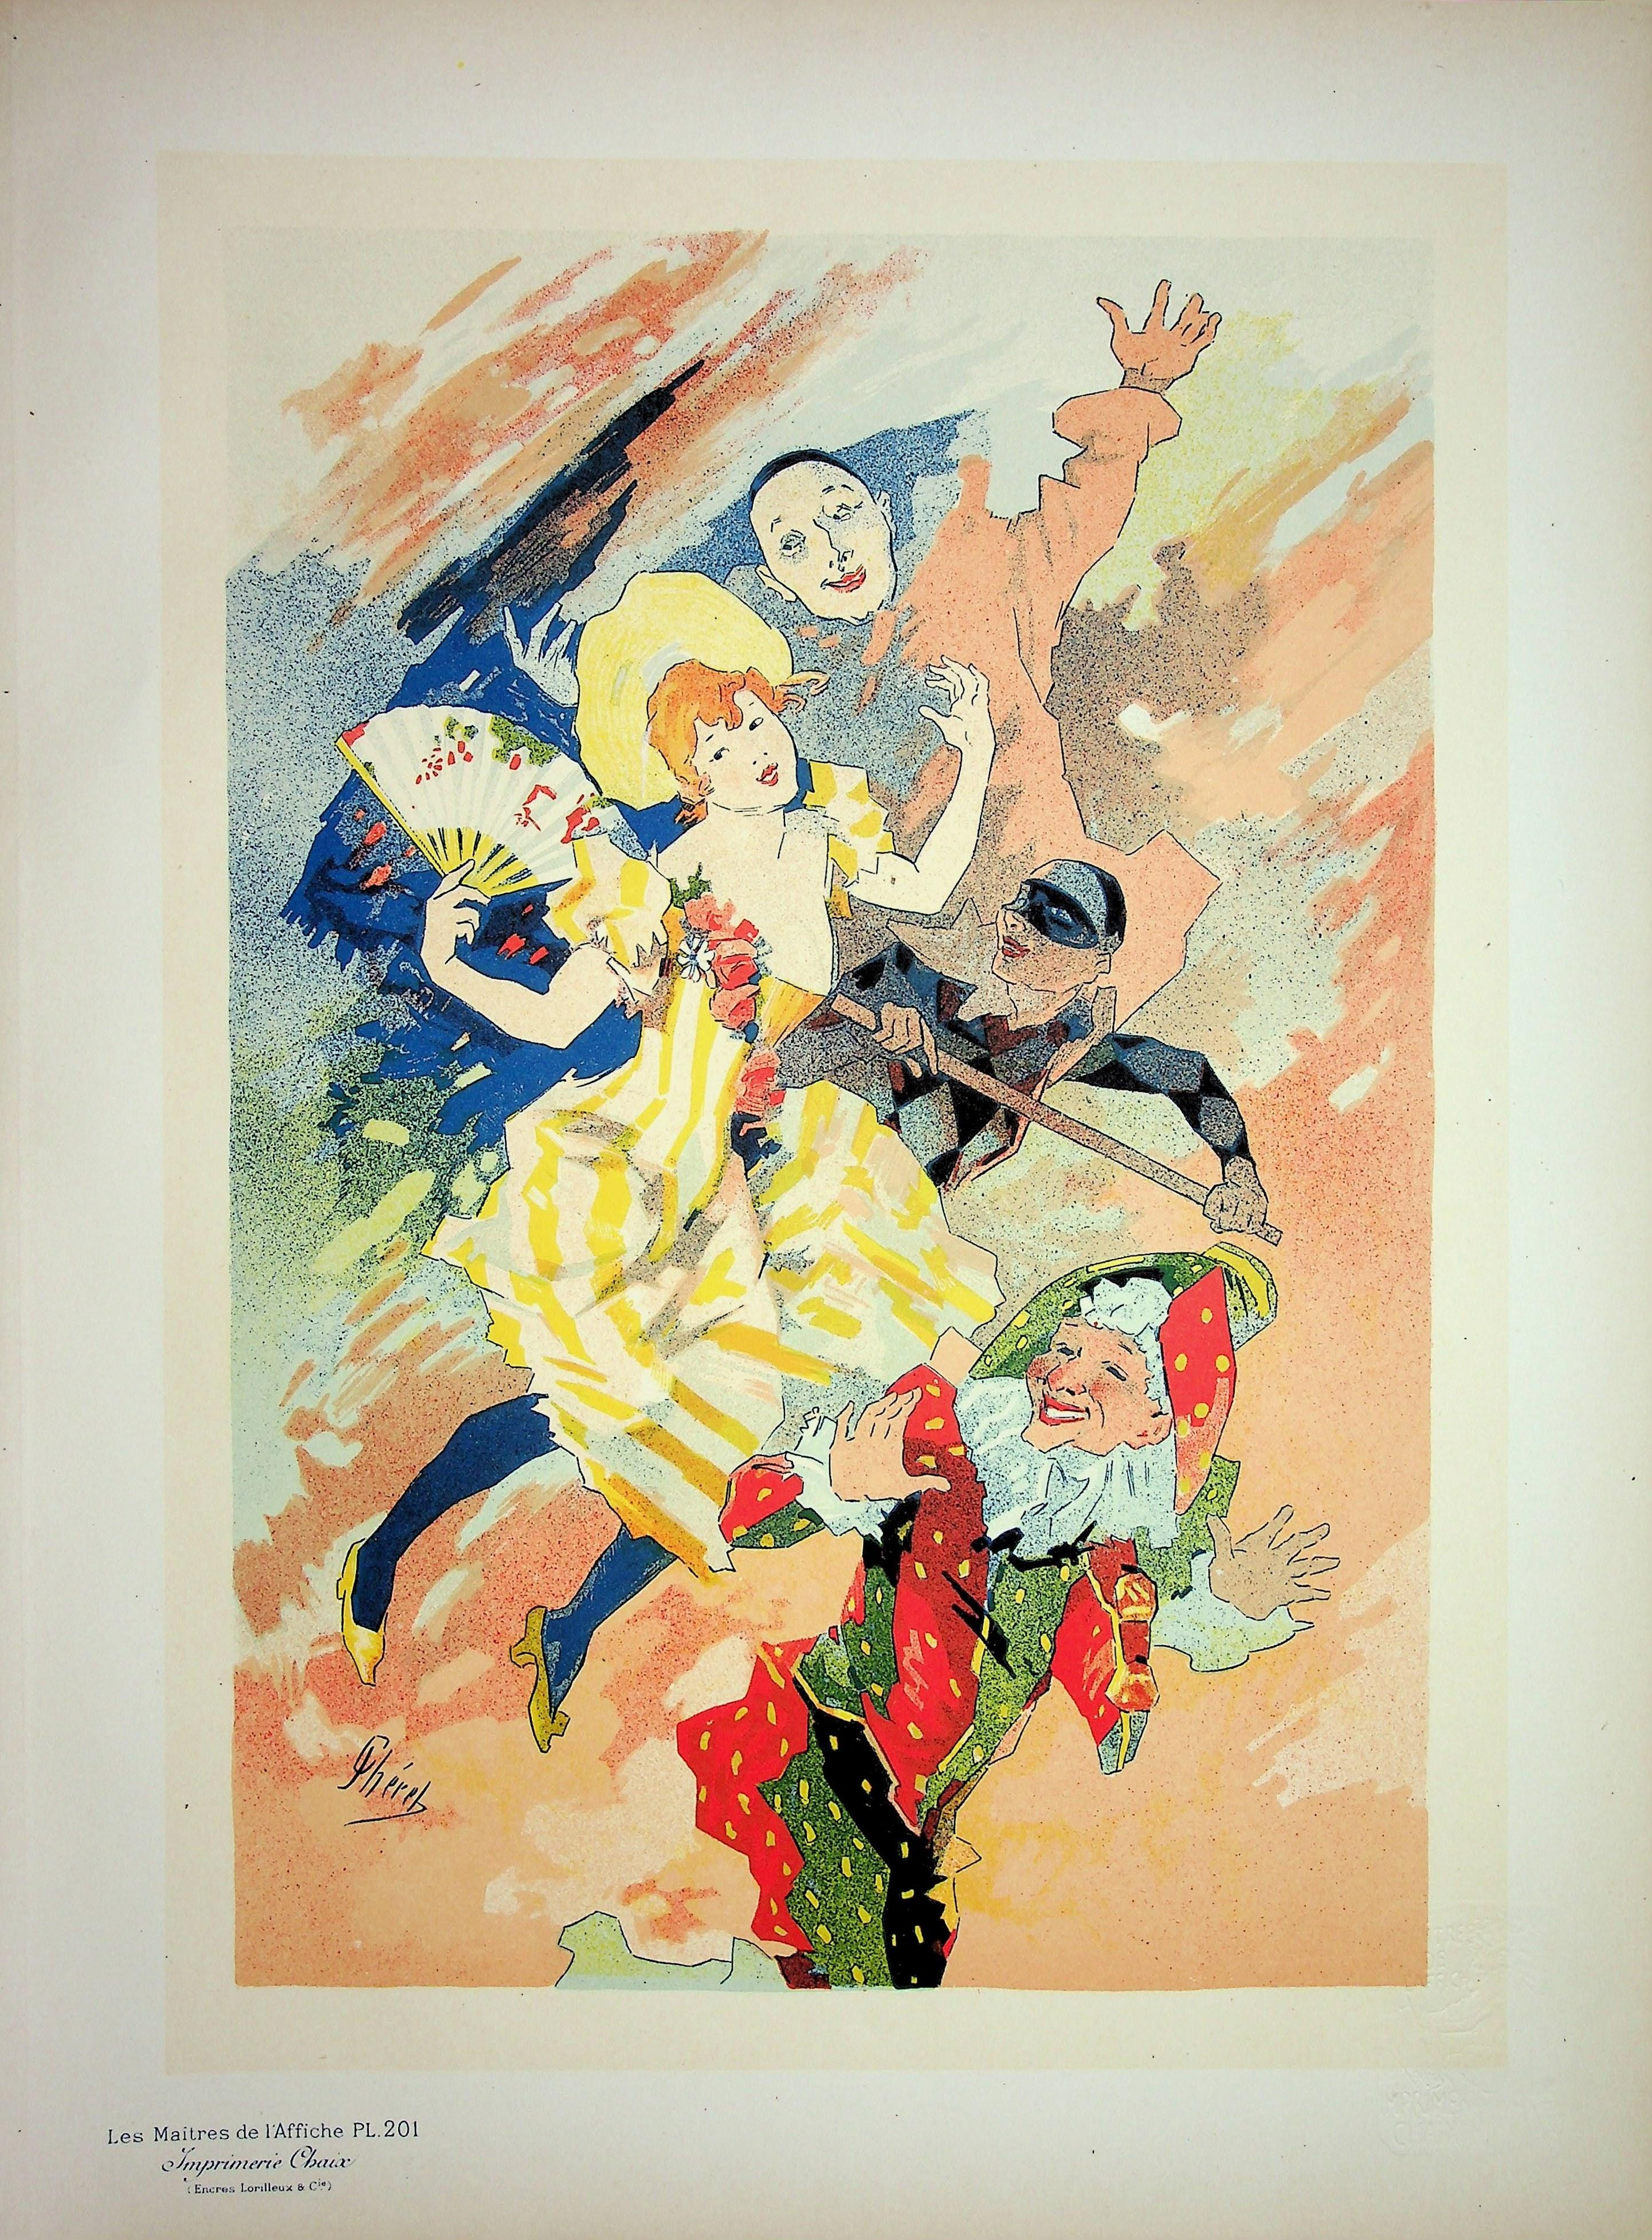 The Pantomime - Original Lithograph (Les Maîtres de l'Affiche), 1900